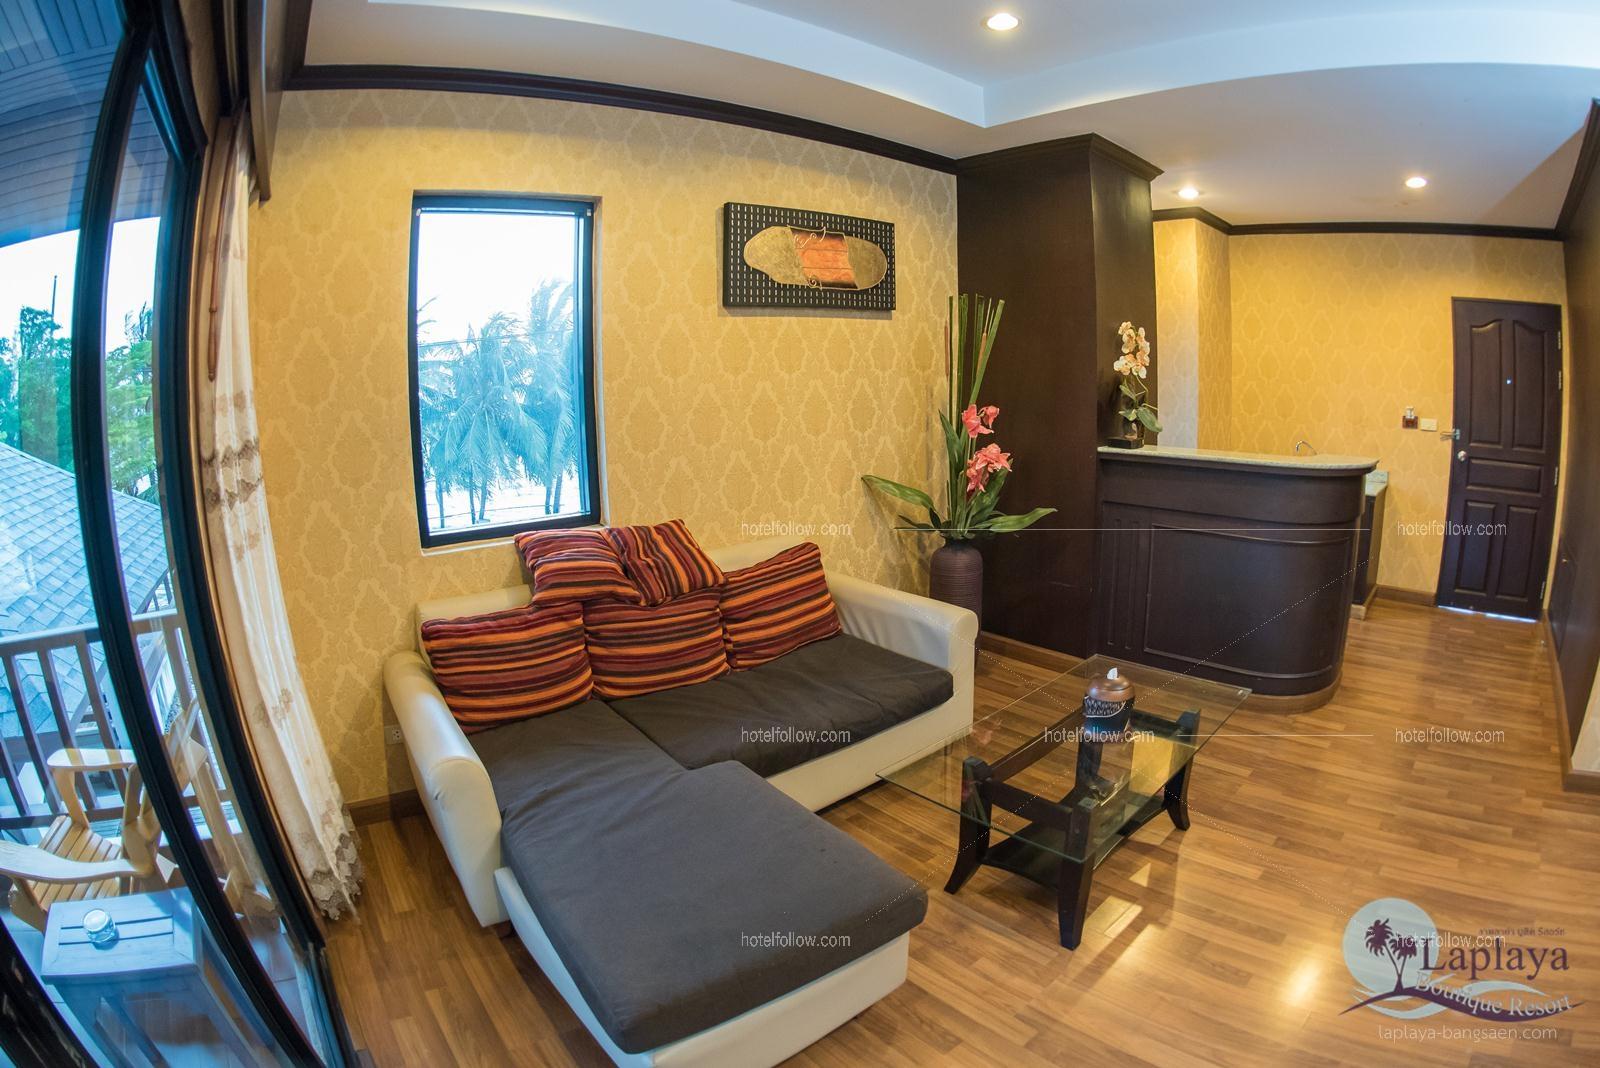 รูปของโรงแรม โรงแรม ลาพลาย่า บูติค รีสอร์ท บางแสน ชลบุรี